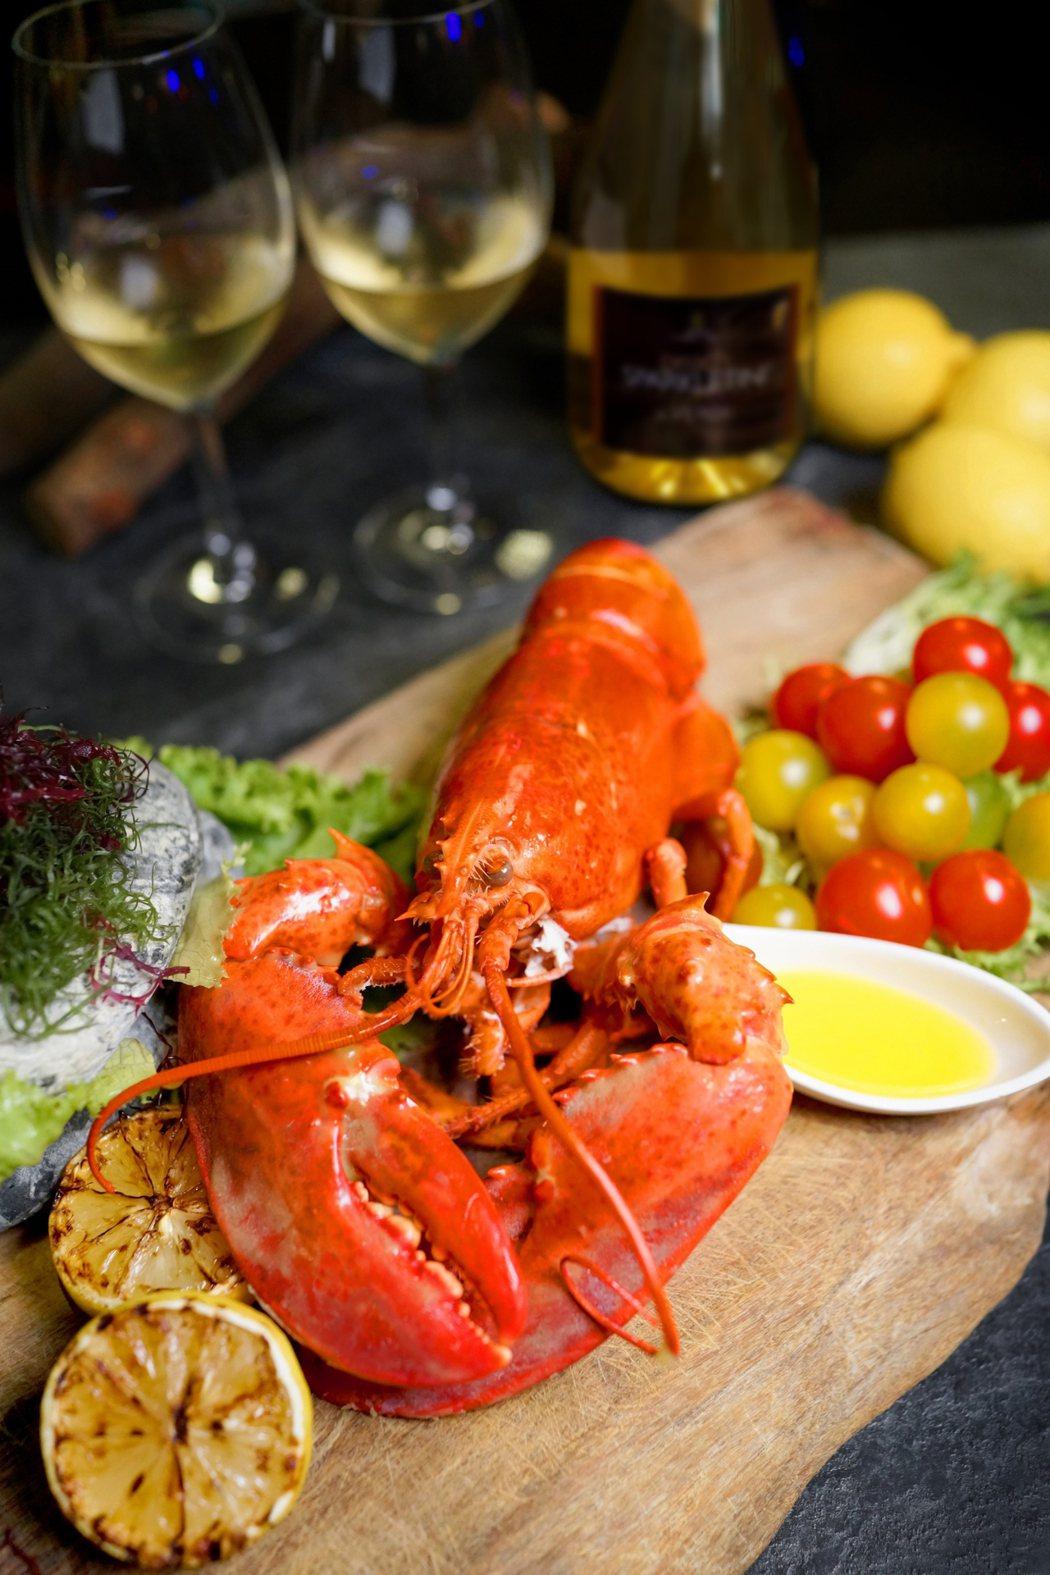 雲軒西餐廳加拿大活龍蝦龍蝦搭配繽紛沙拉吧。圖/君品酒店提供